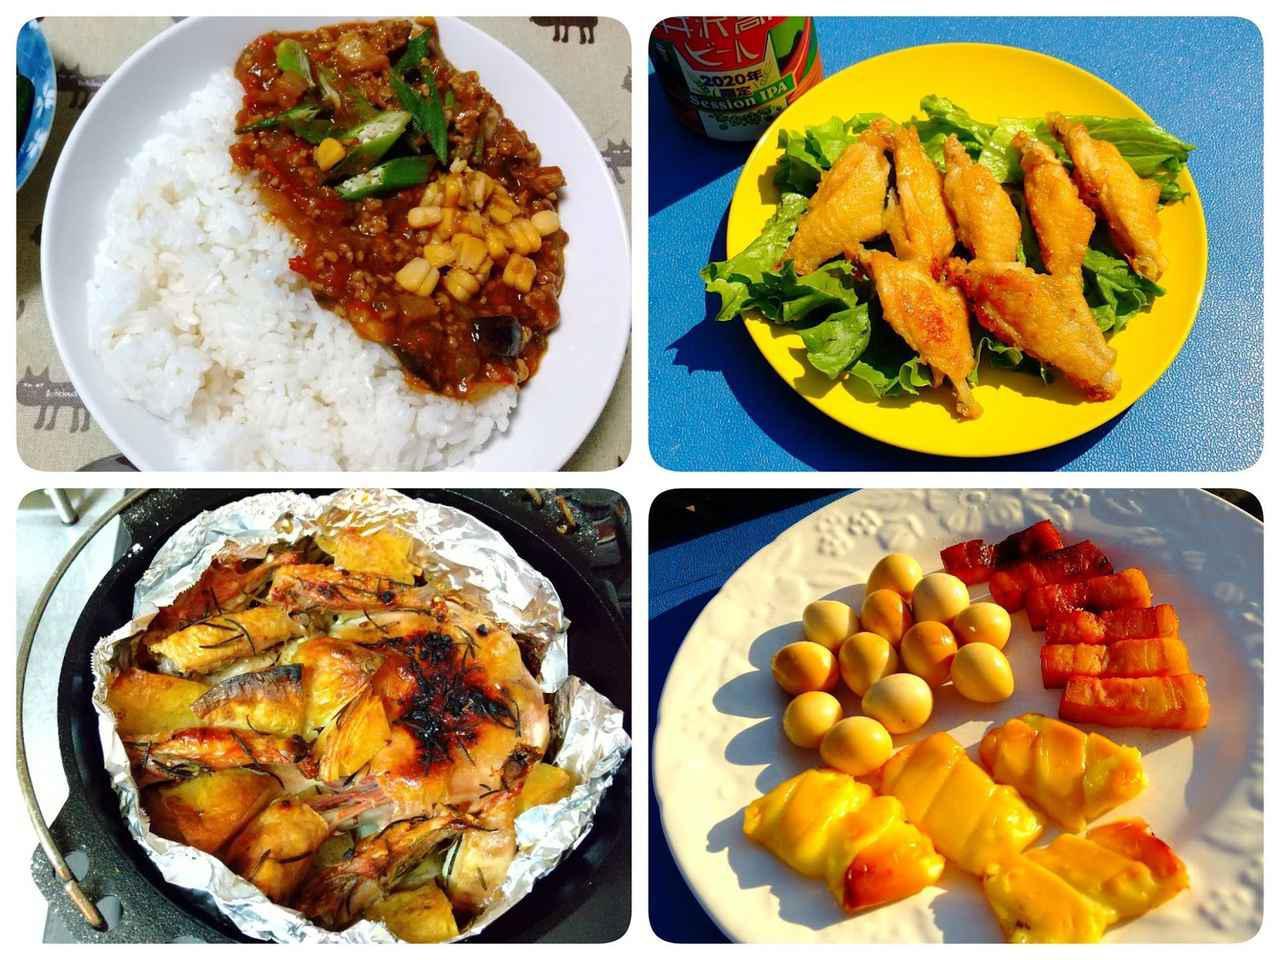 画像2: ニトリのダッチオーブンで作る絶品キャンプ料理! 定番レシピ4品ご紹介 - ハピキャン(HAPPY CAMPER)